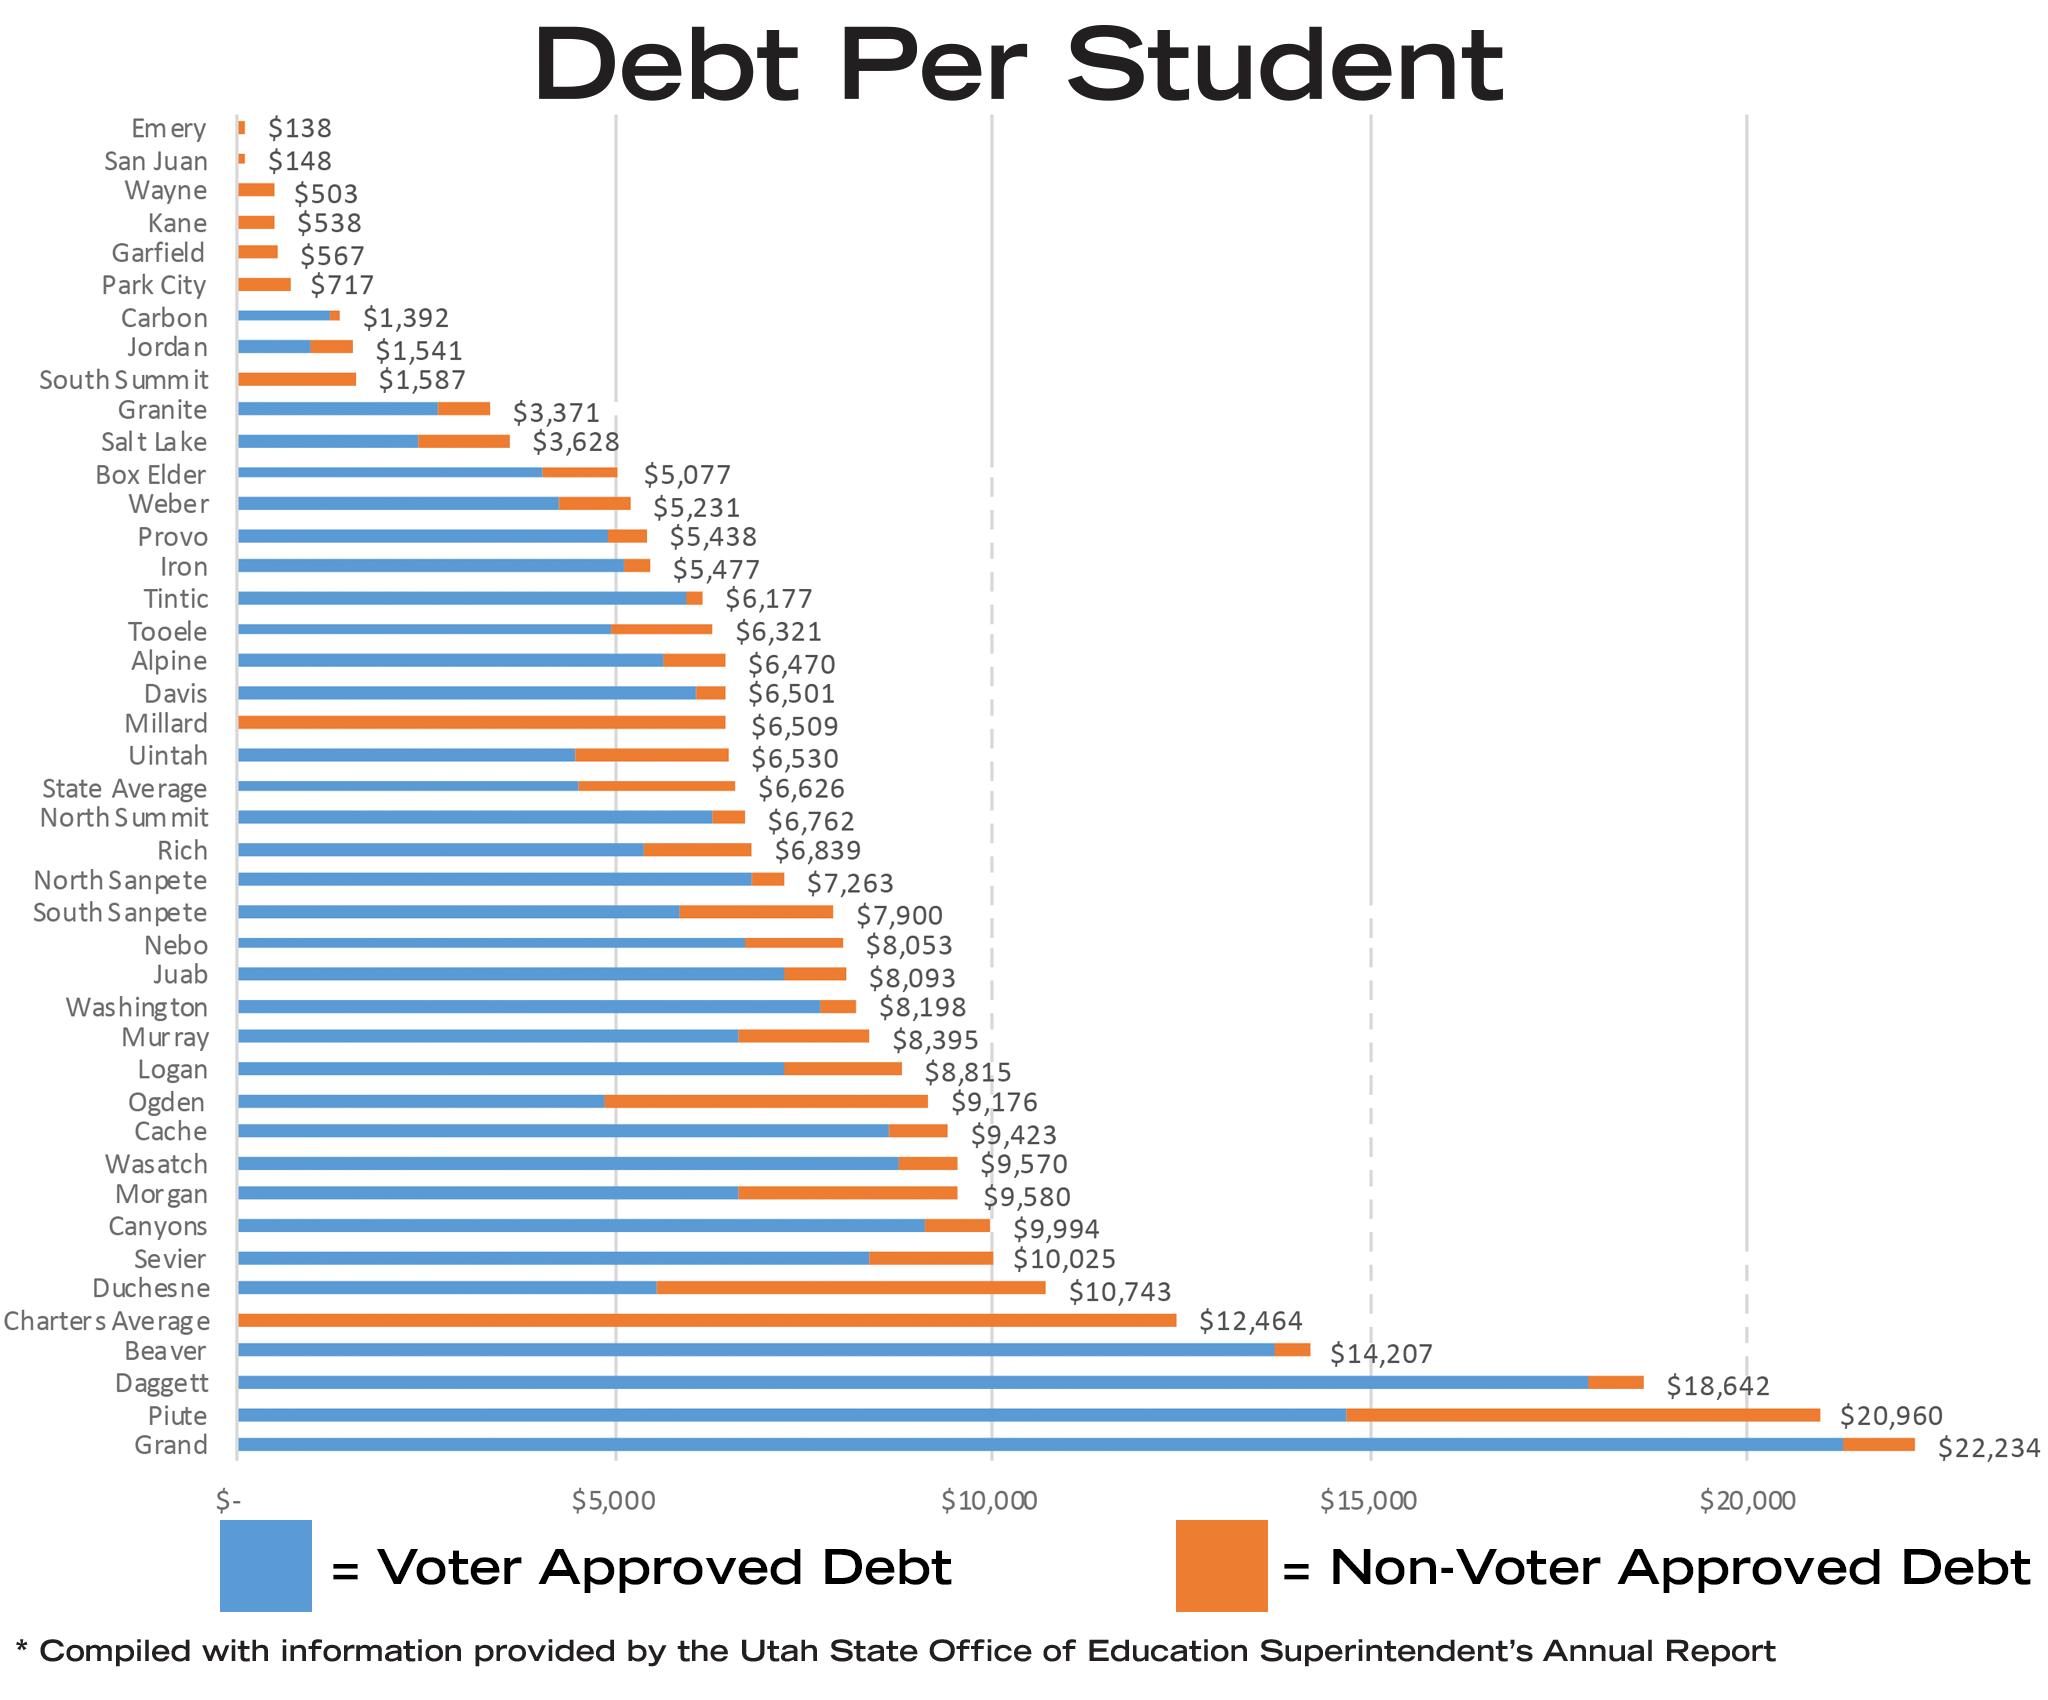 Debt Per Student